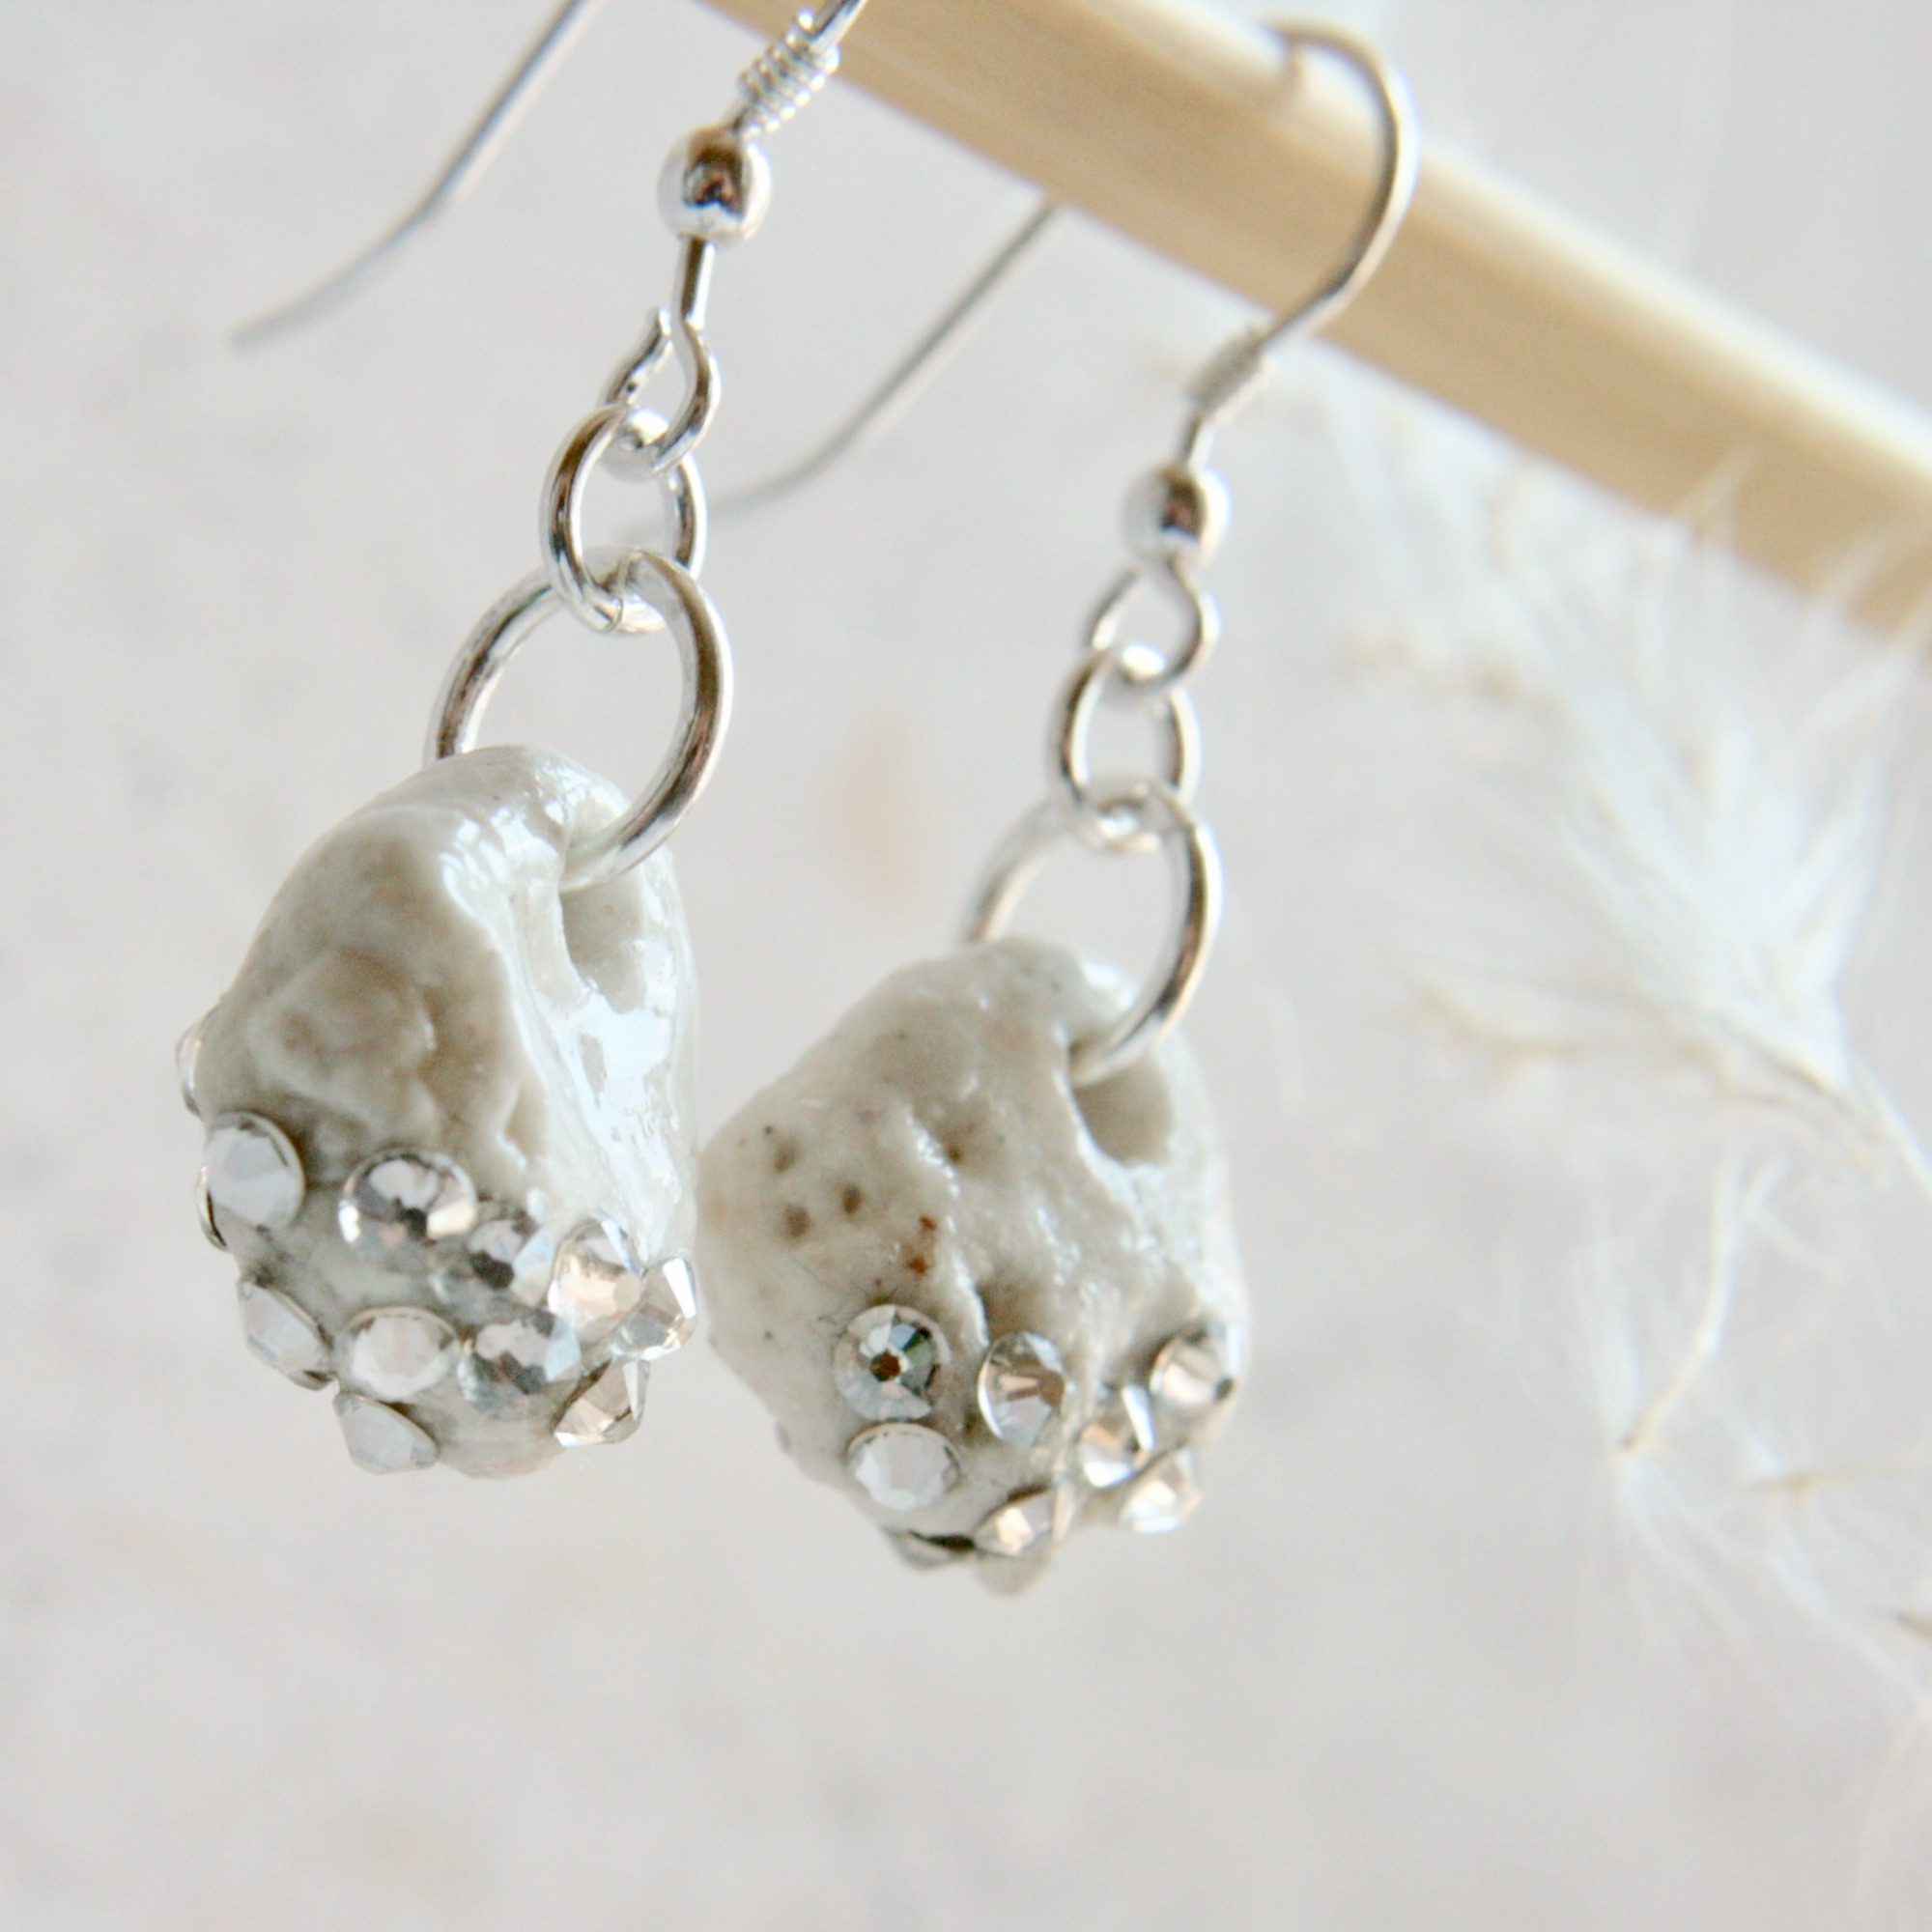 porcelain earrings, silver earrings, organic earrings with crystals (3).jpg